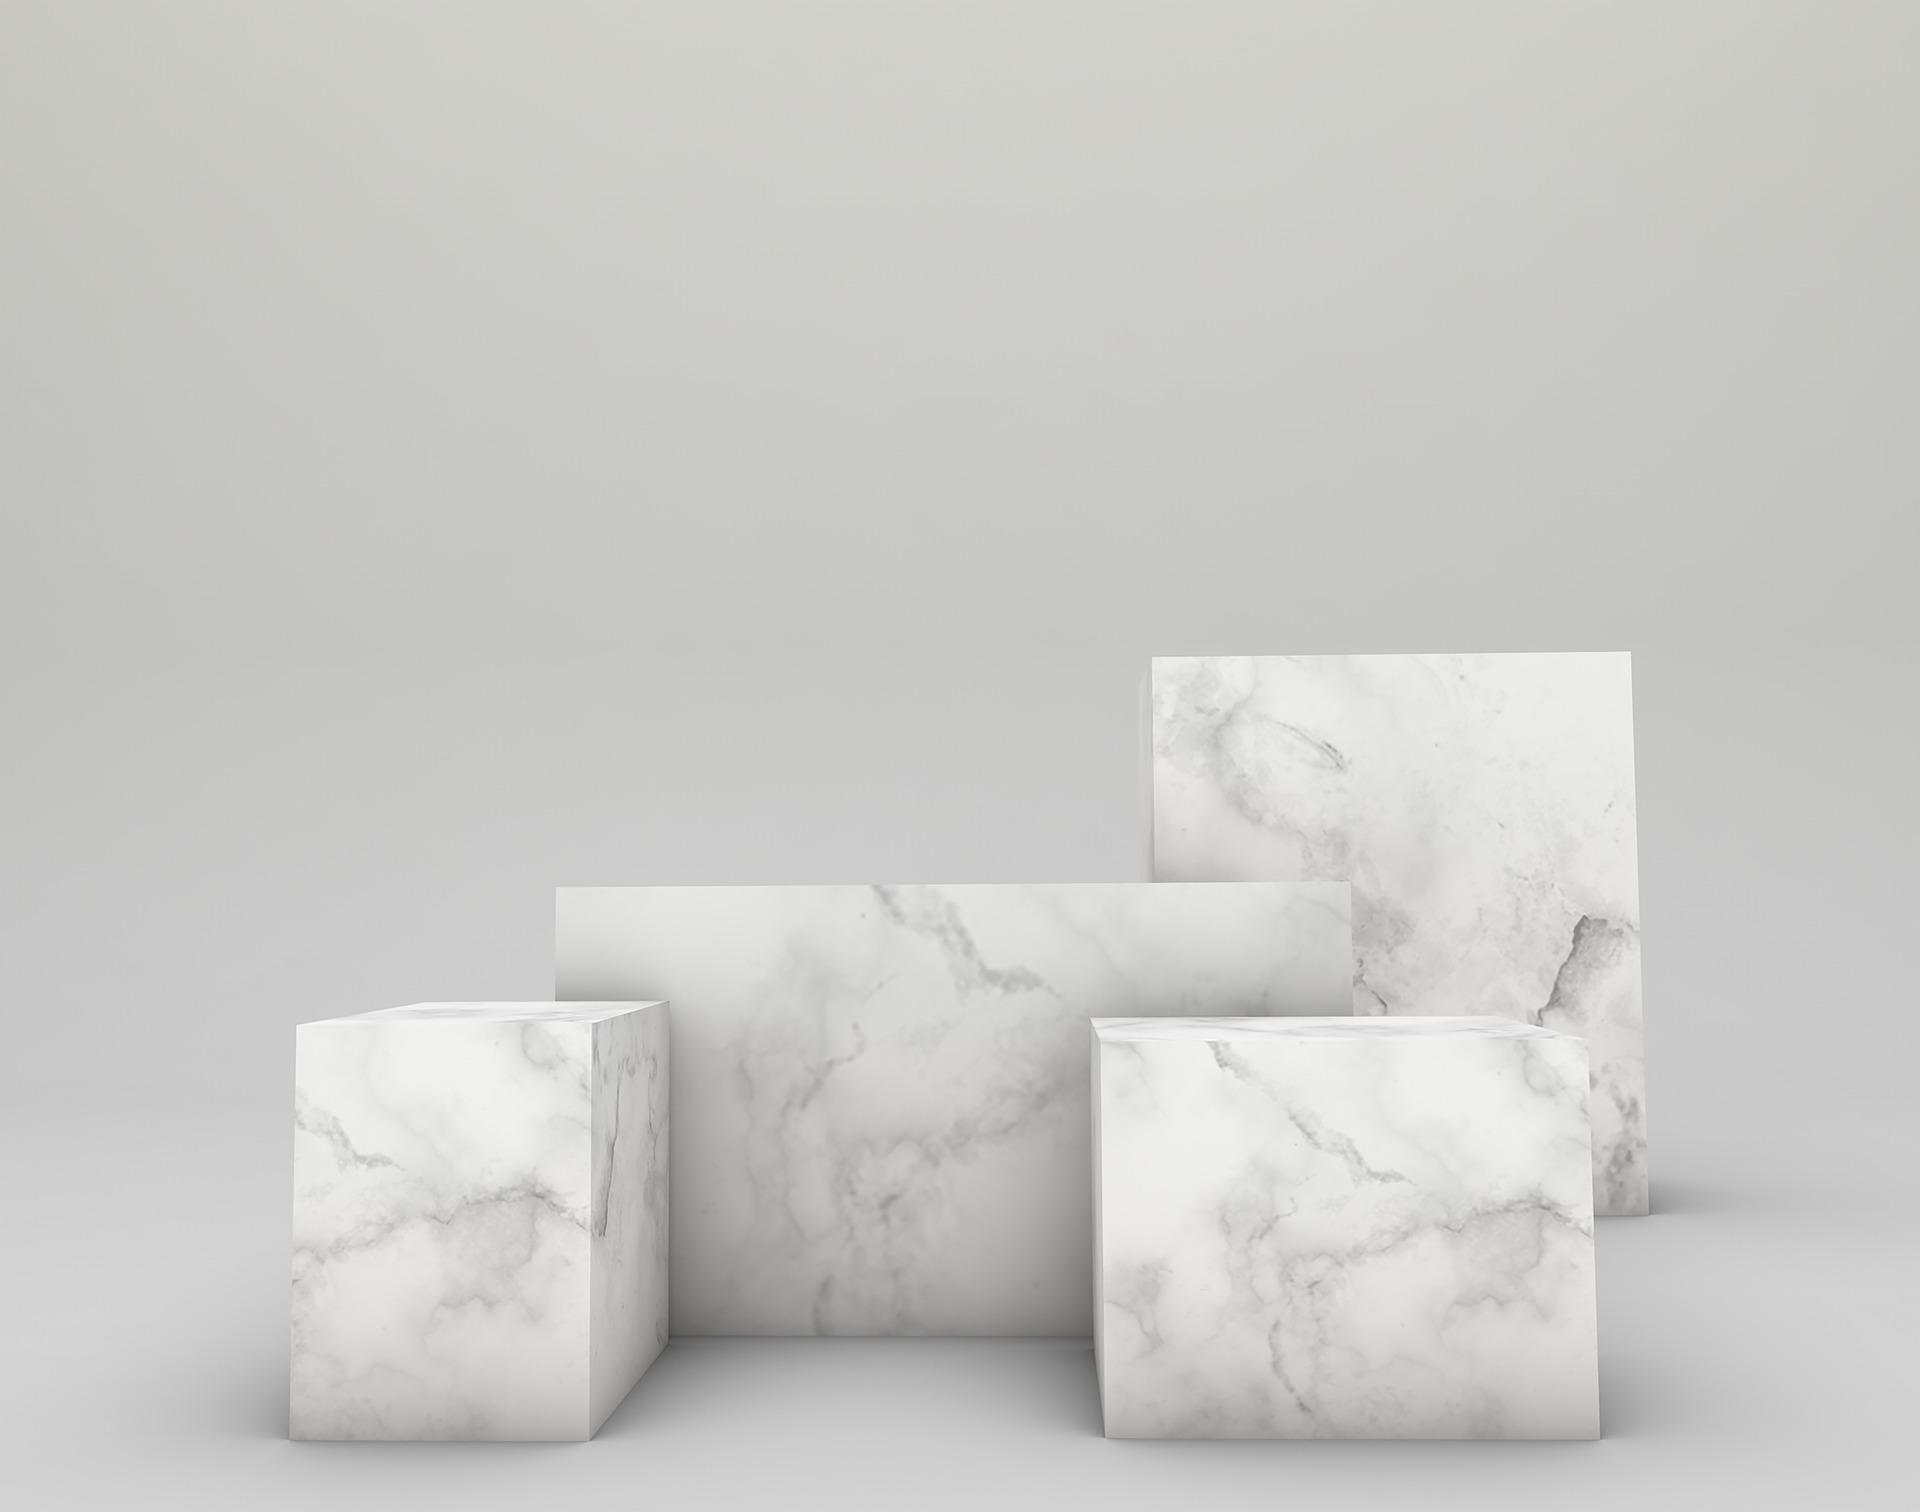 Мрамор: химическая формула, где добывают, свойства и применение камня, месторождение горной породы, как образуется минерал